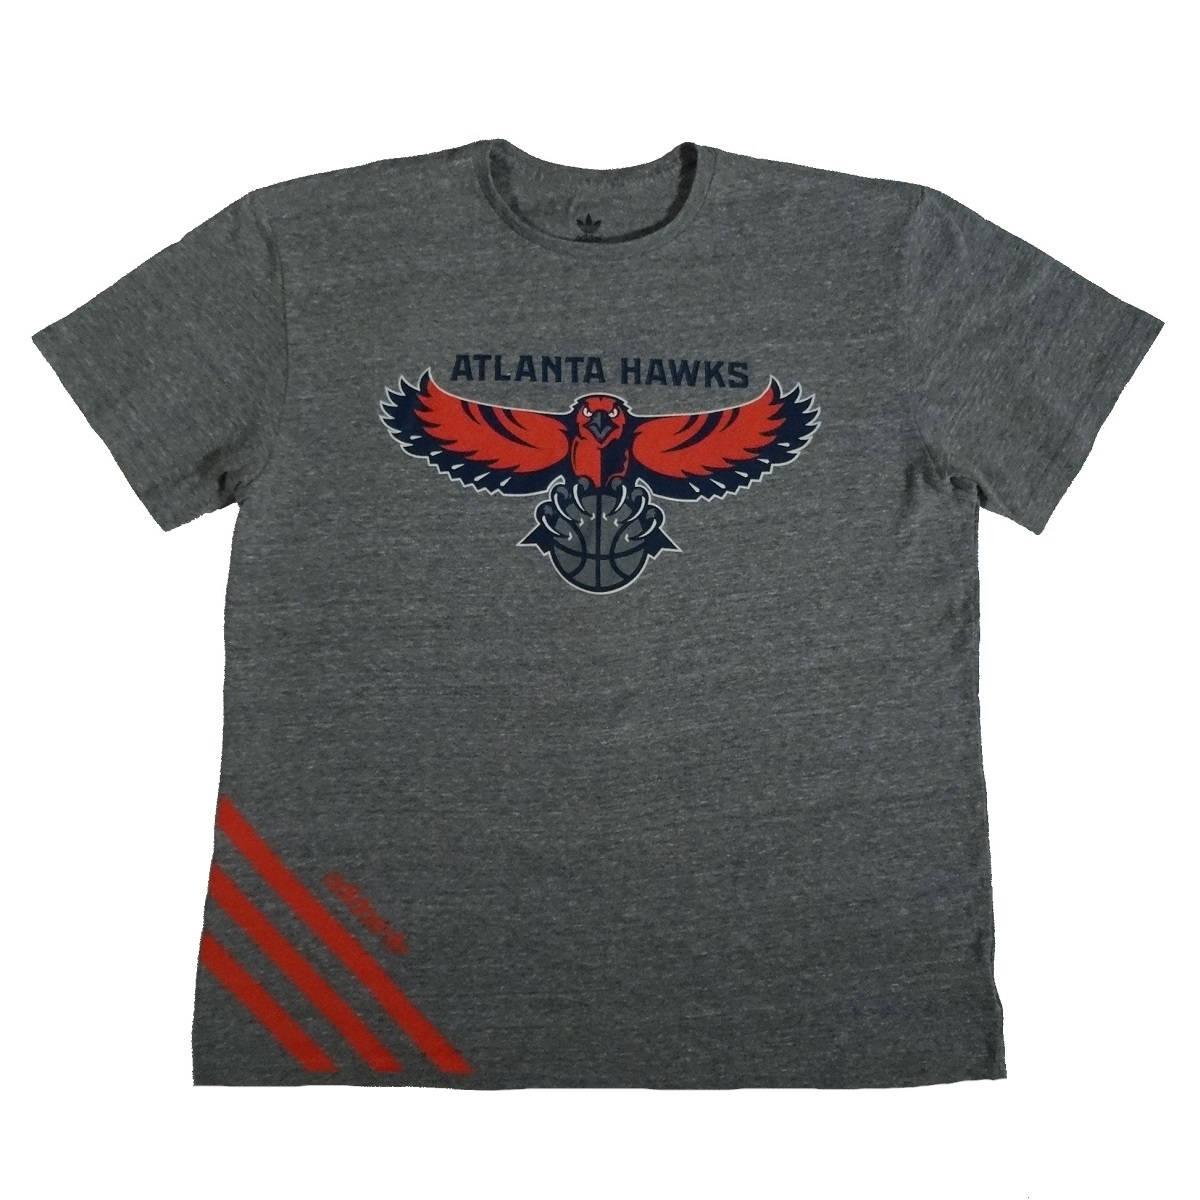 atlanta hawks adidas rayon blend t shirt front